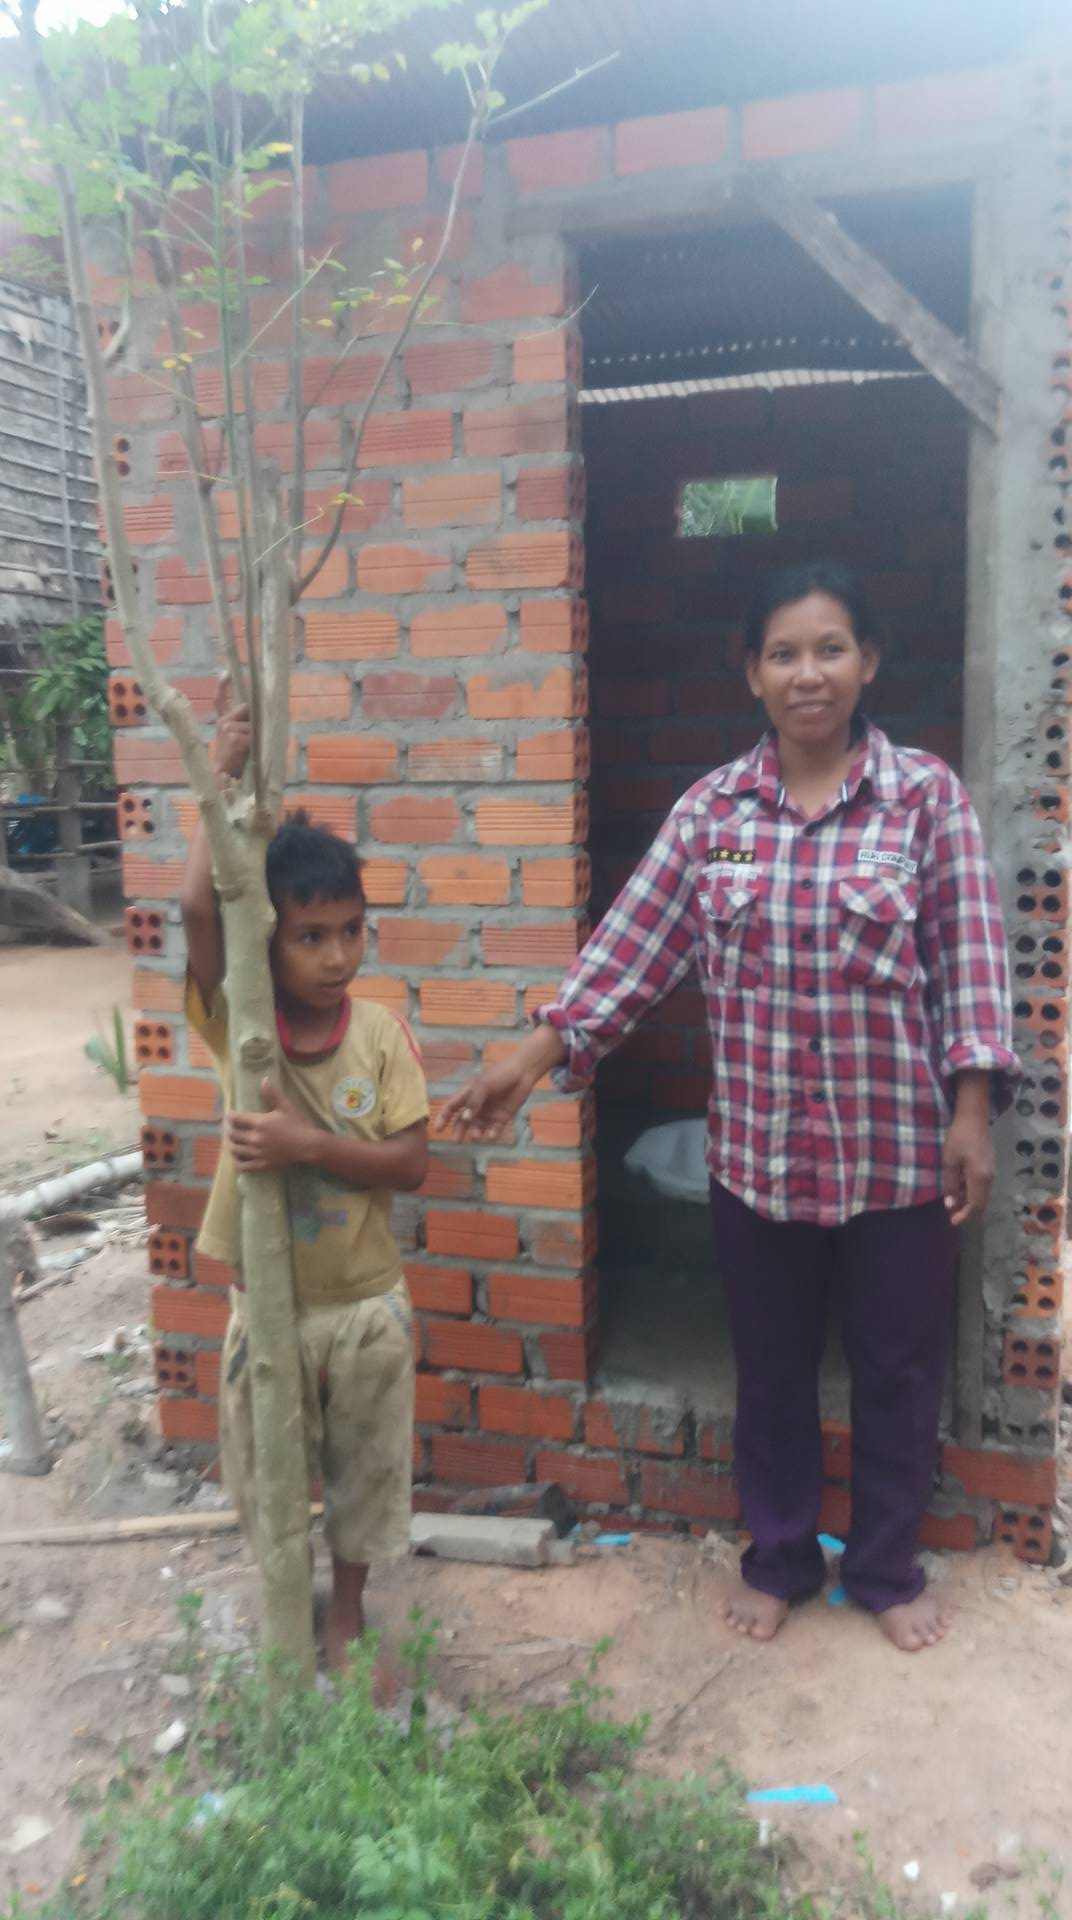 openbare toiletten Cambodja